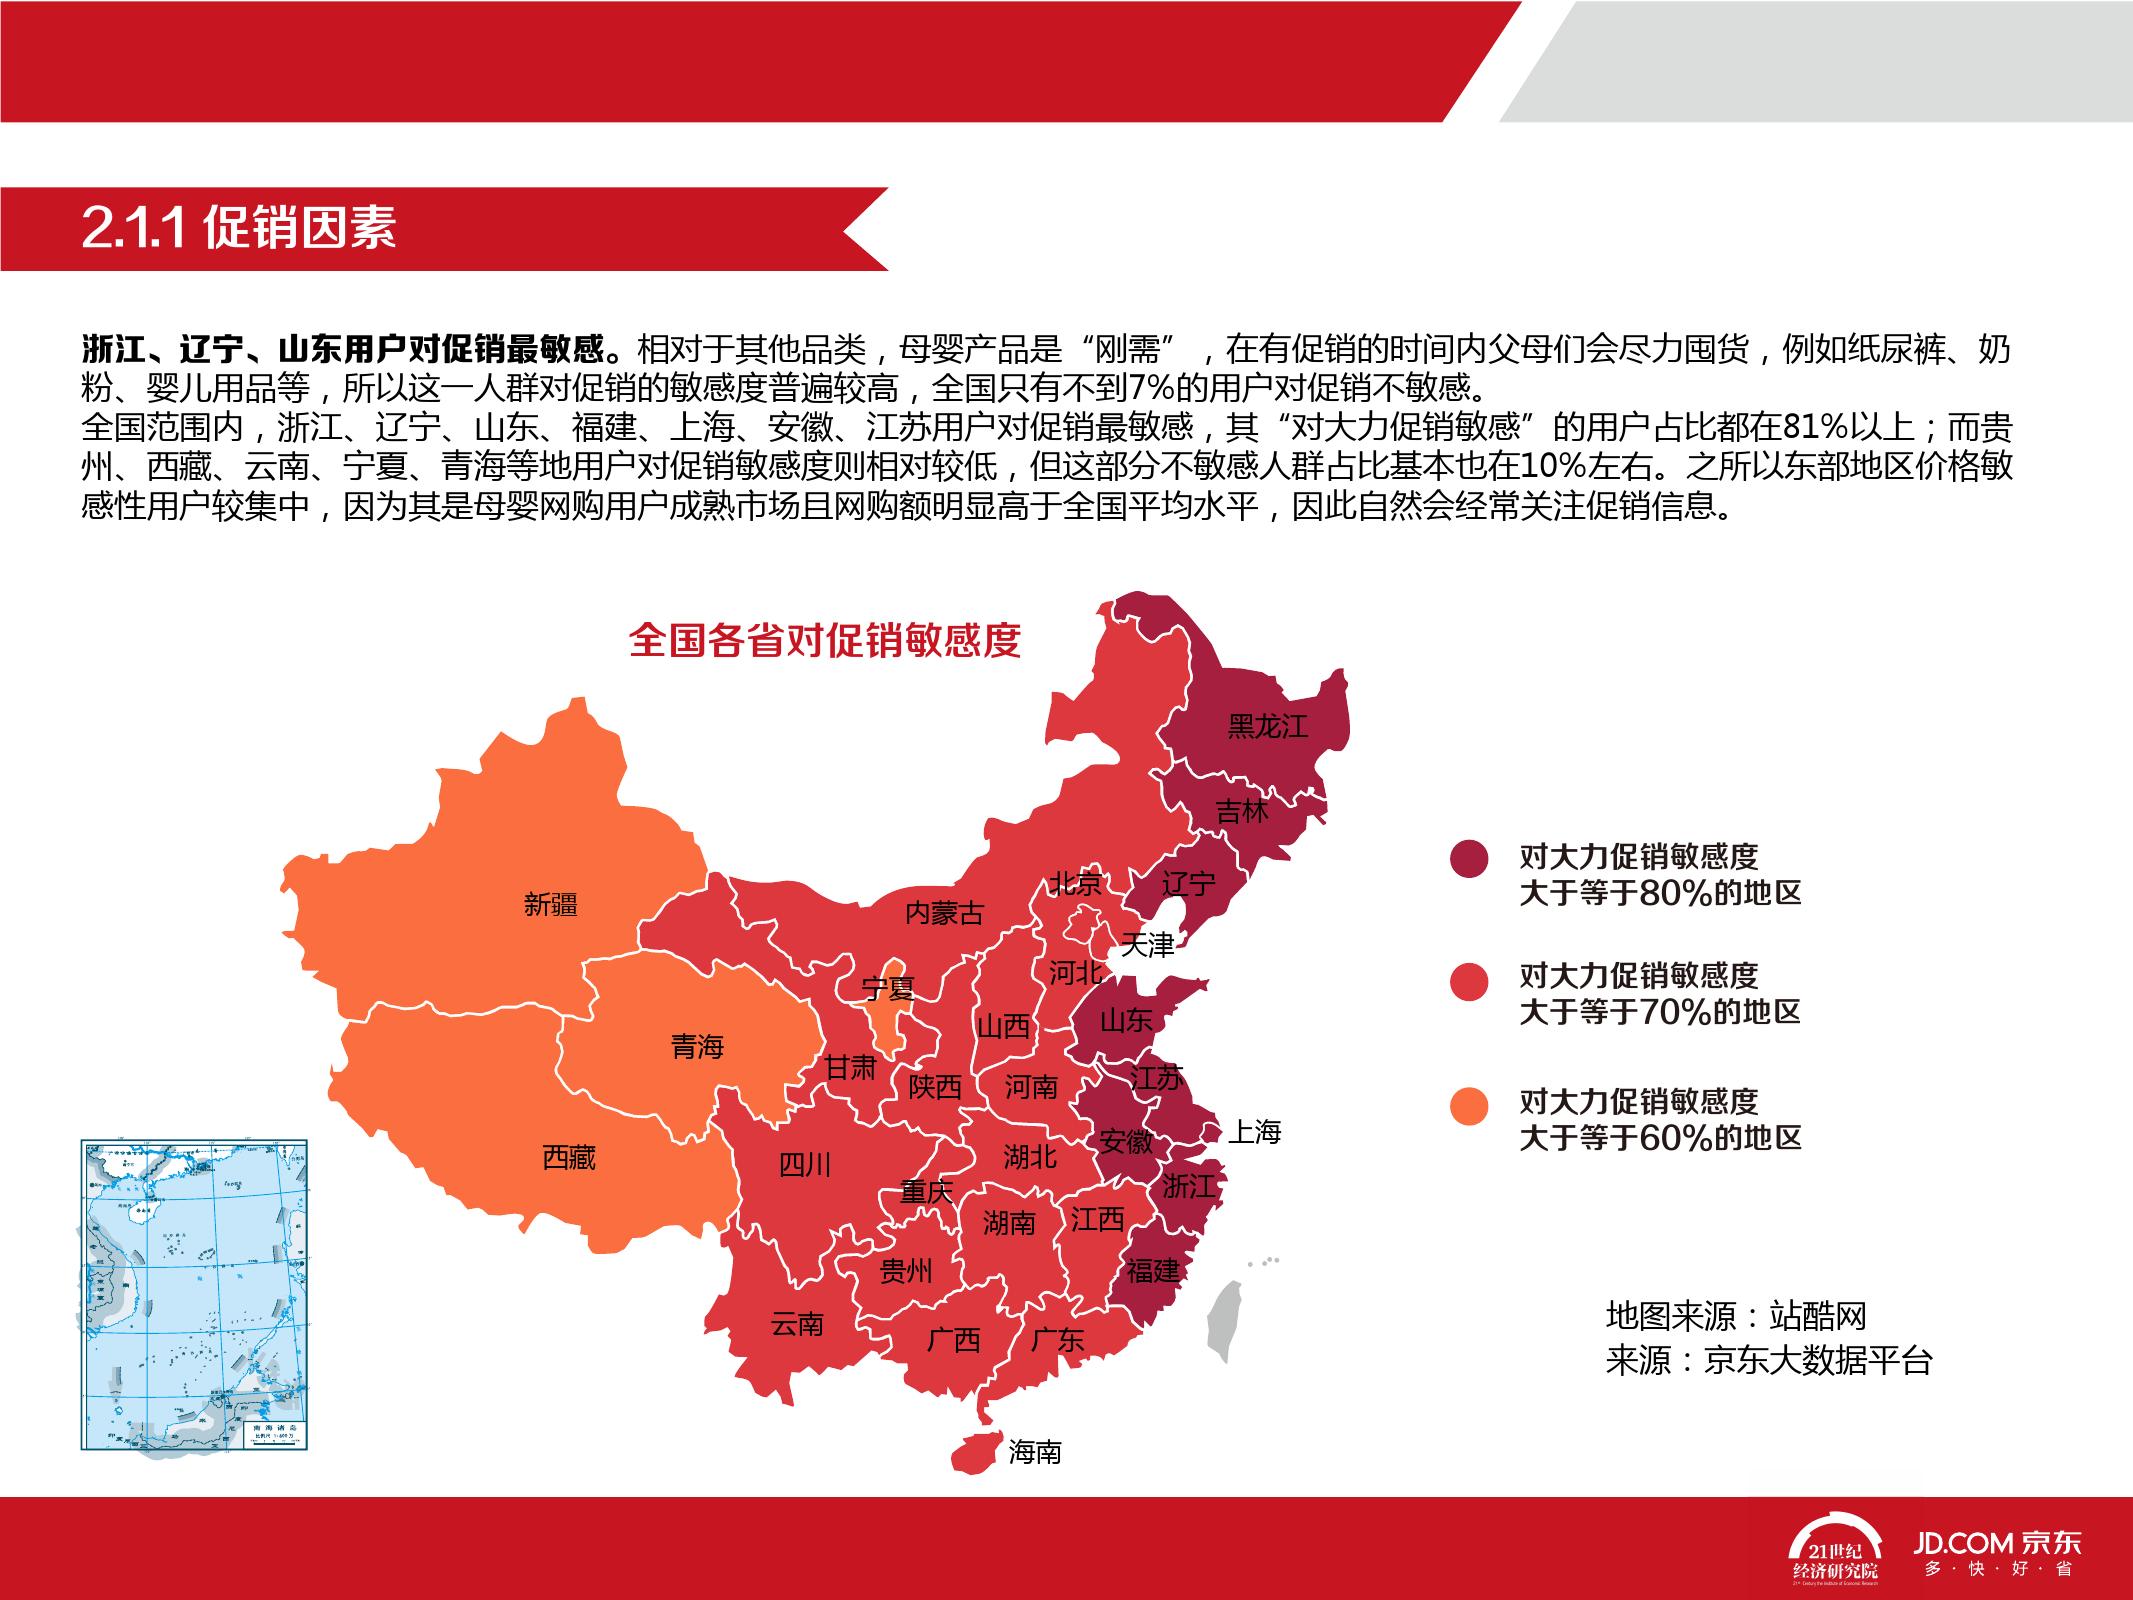 2016中国母婴产品消费趋势报告_000019